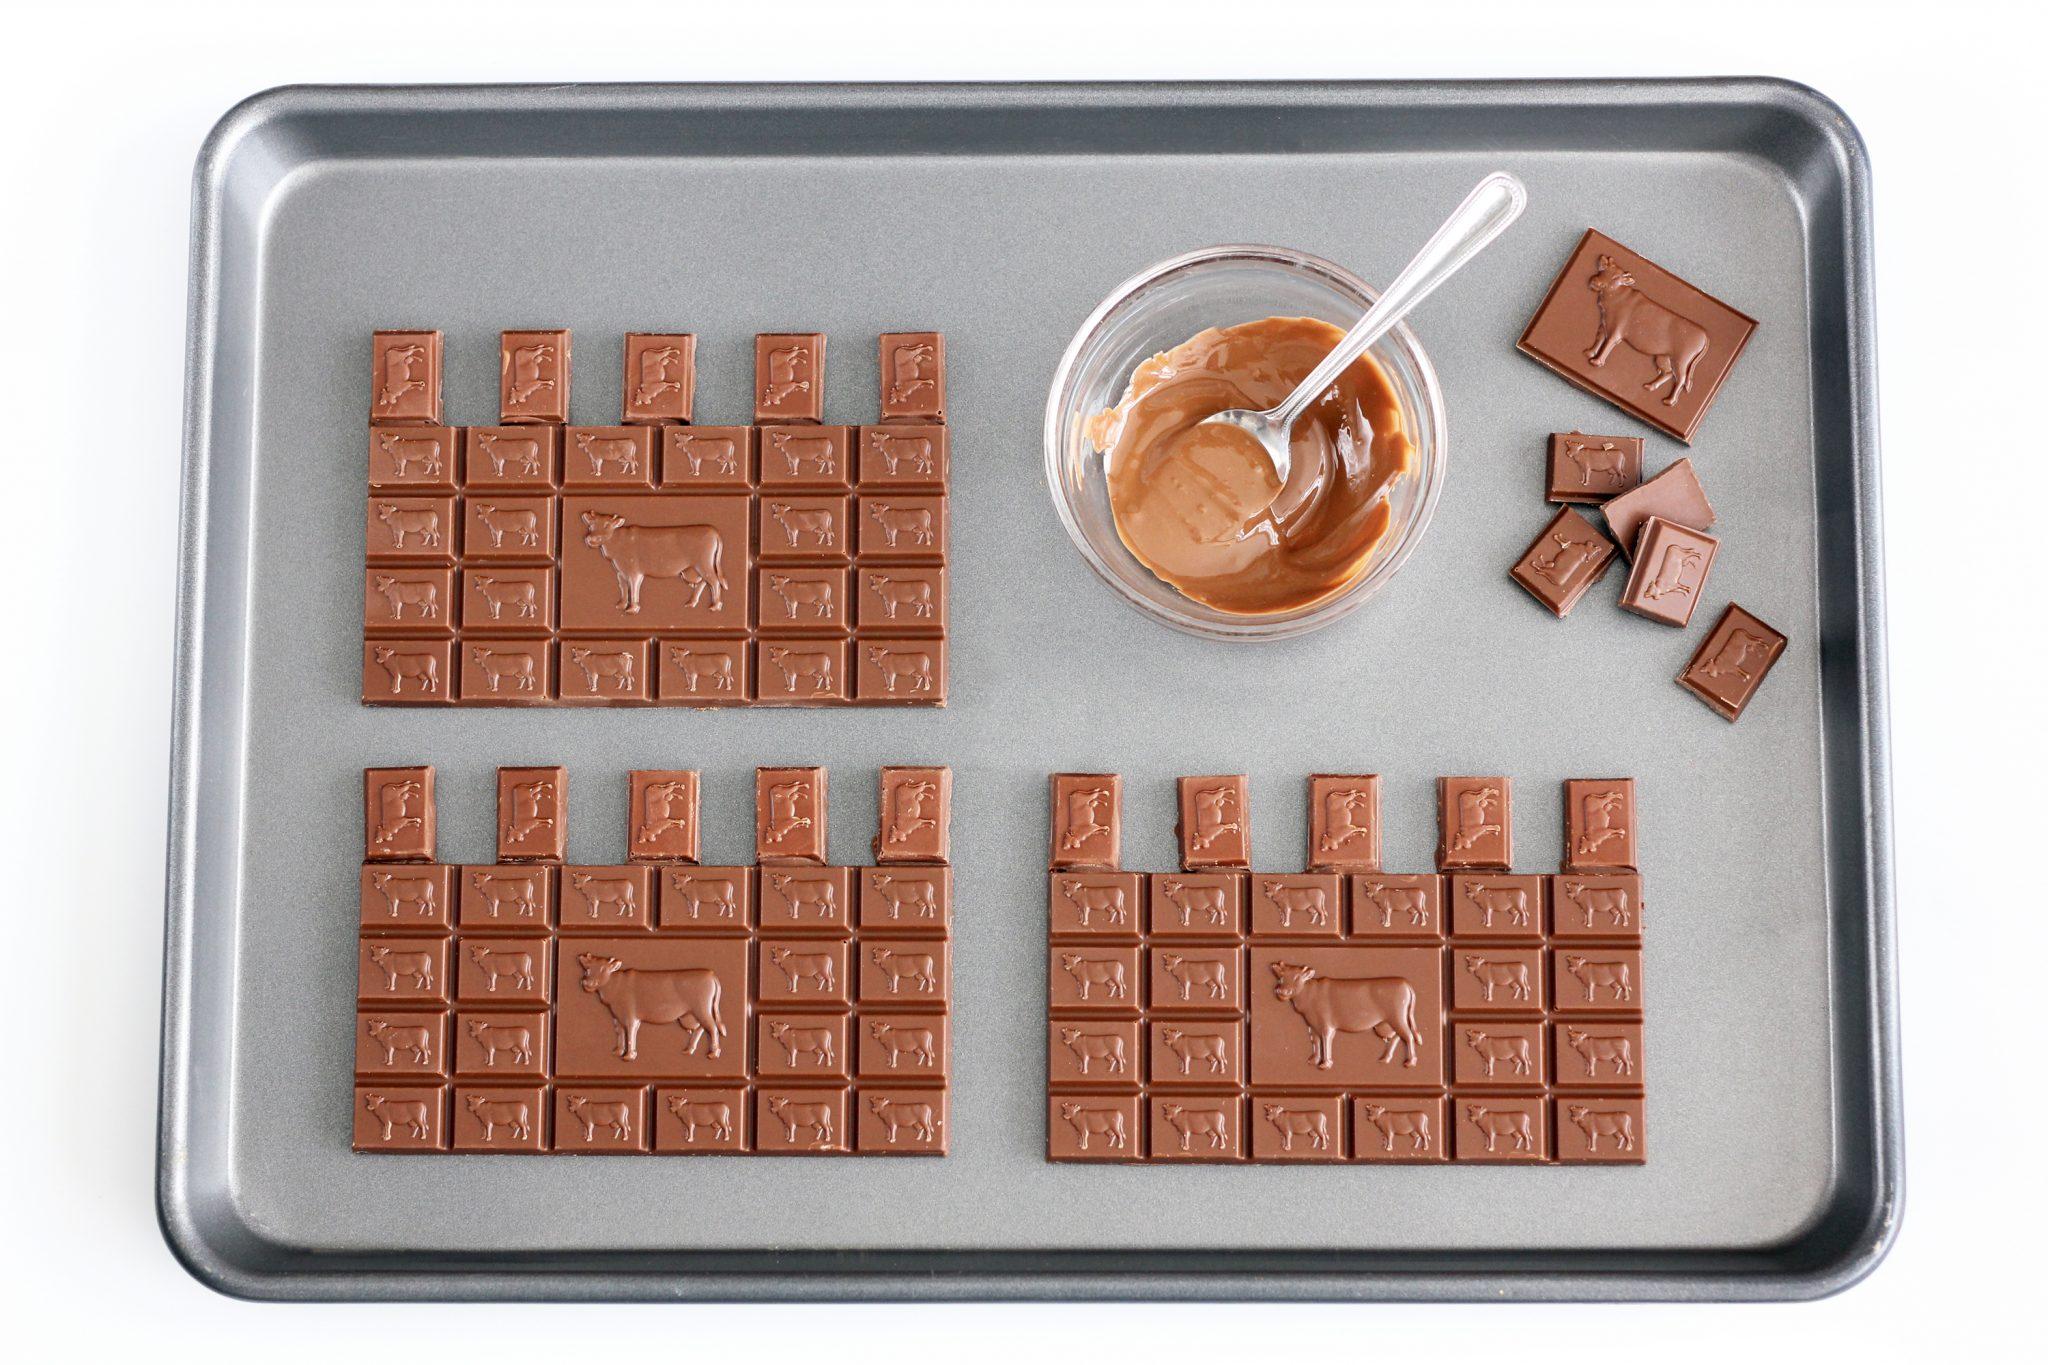 עוגת יום הולדת טירה - עיטור, מניחים על תבנית מרופדת בנייר אפייה 4 חפיסות שלמות של שוקולד חלב, עבור הקירות.